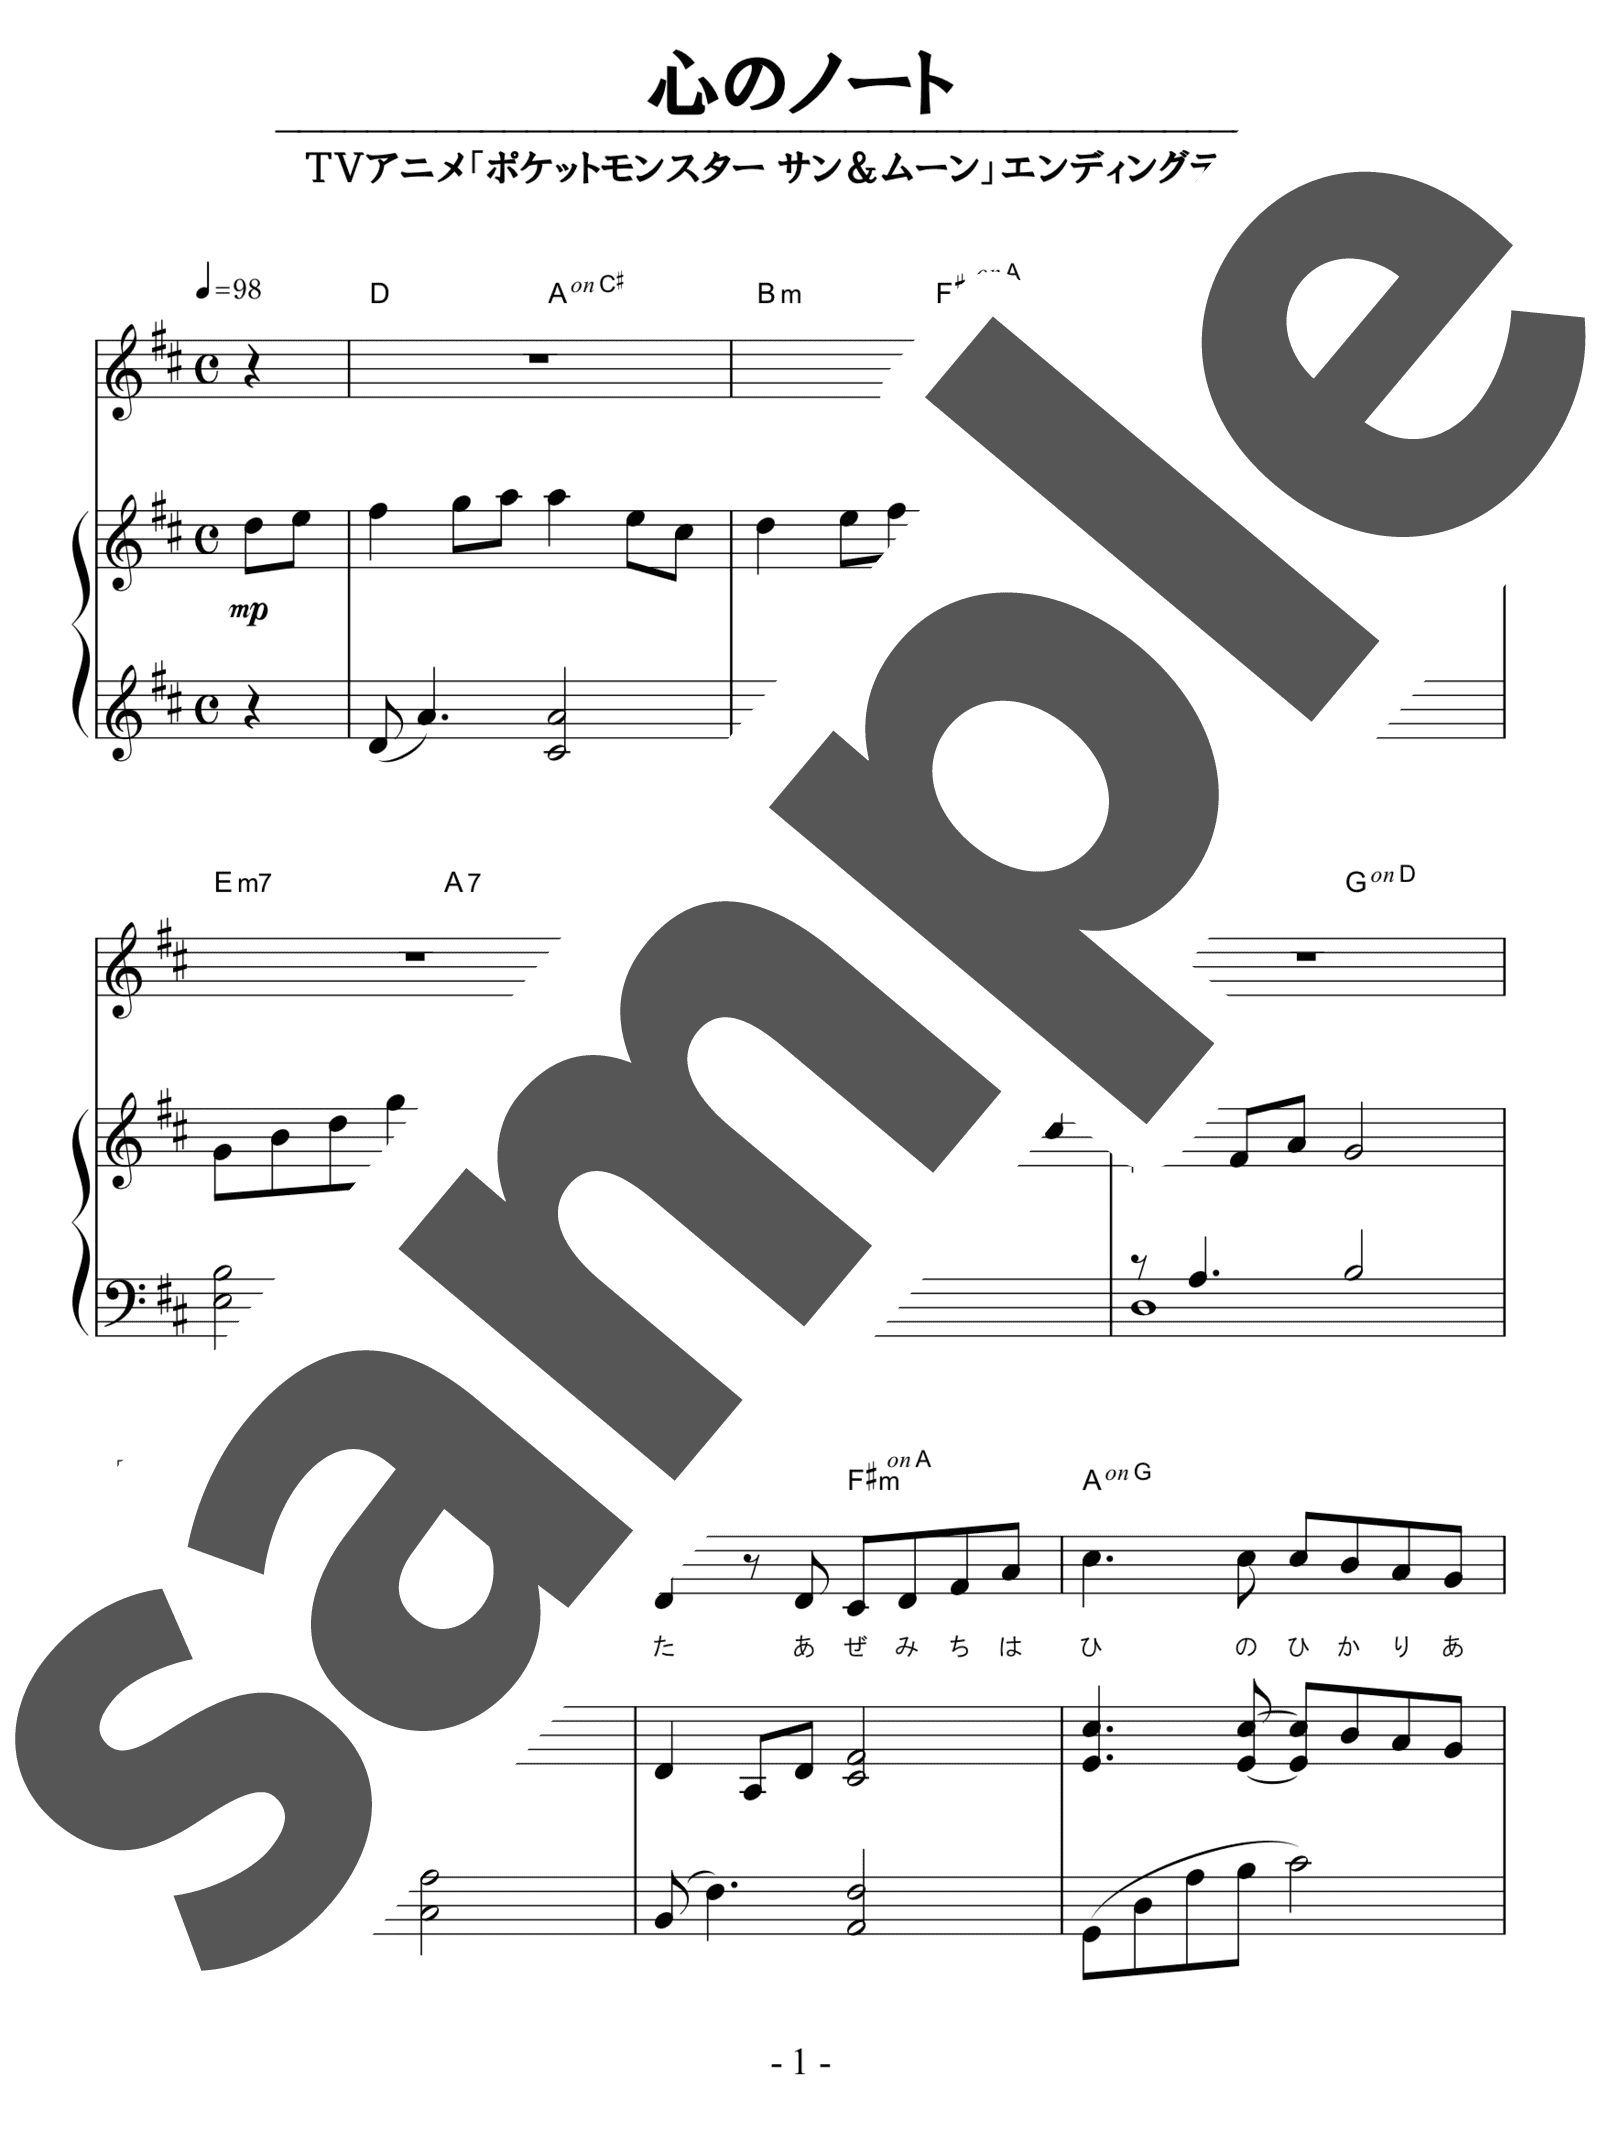 「心のノート」のサンプル楽譜